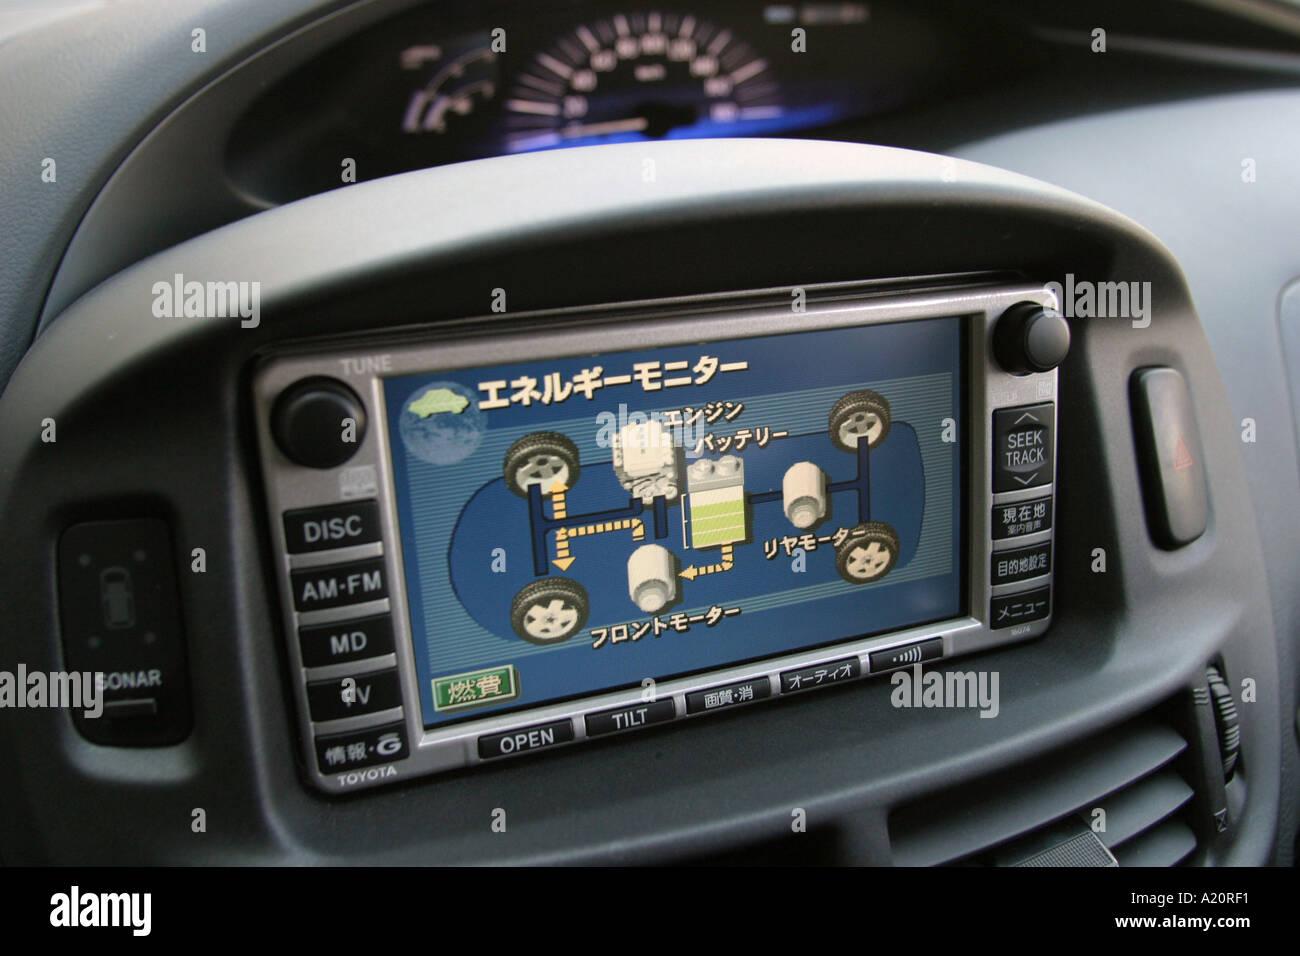 Toyota Estima e veicolo ibrido sul test drive via, Toyota MegaWeb, Tokyo, Giappone Immagini Stock